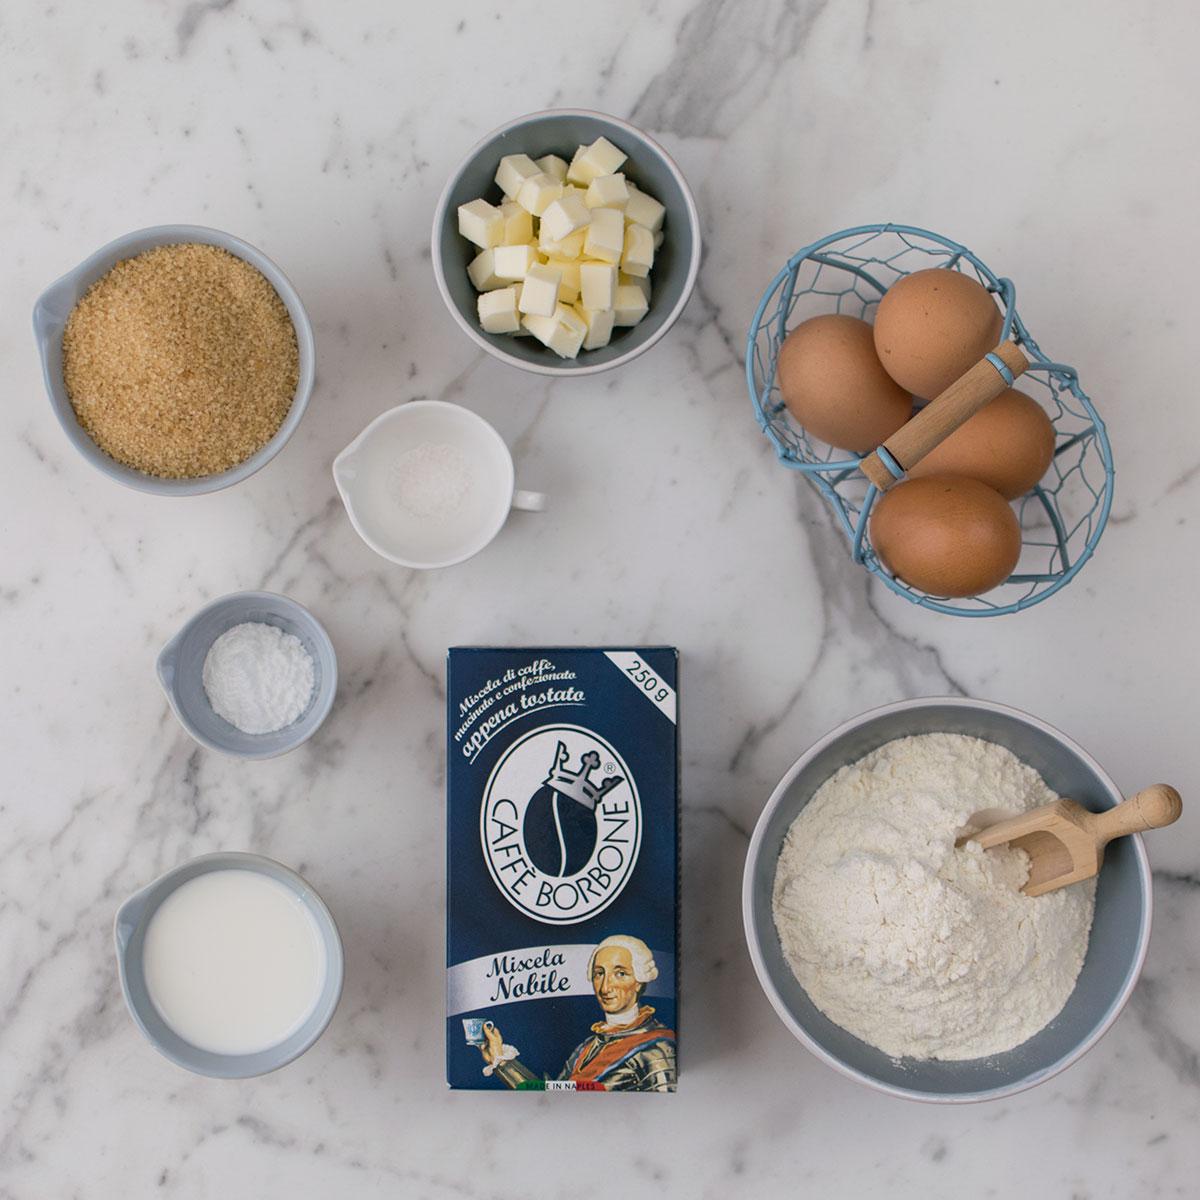 coffee_hot_milk_sponge_cake_ingredienti